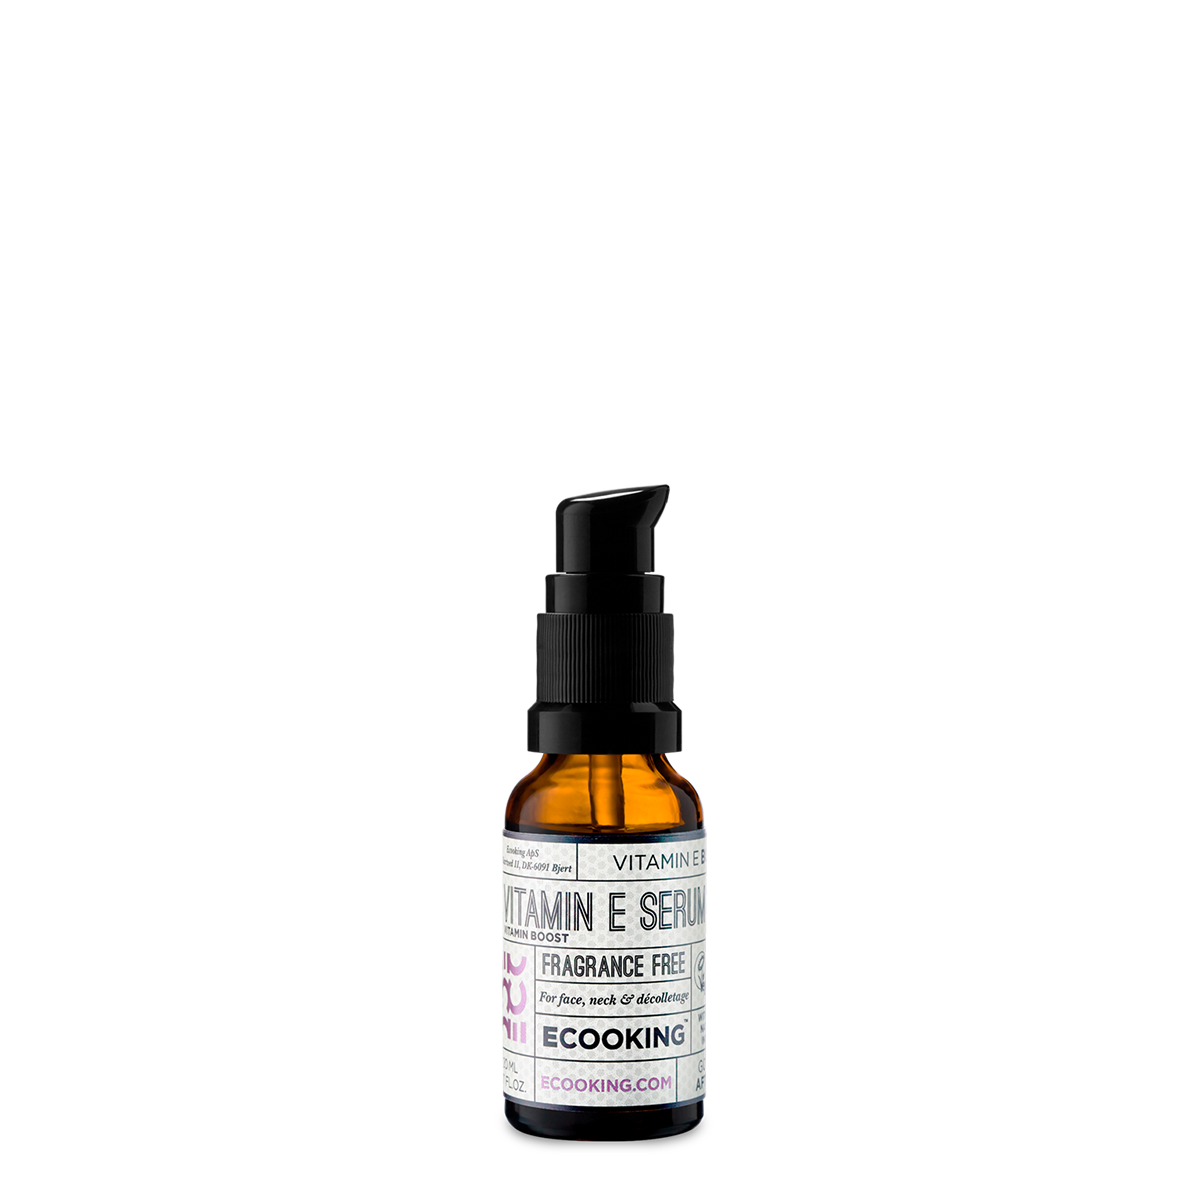 Vitamin E Serum 20 ml